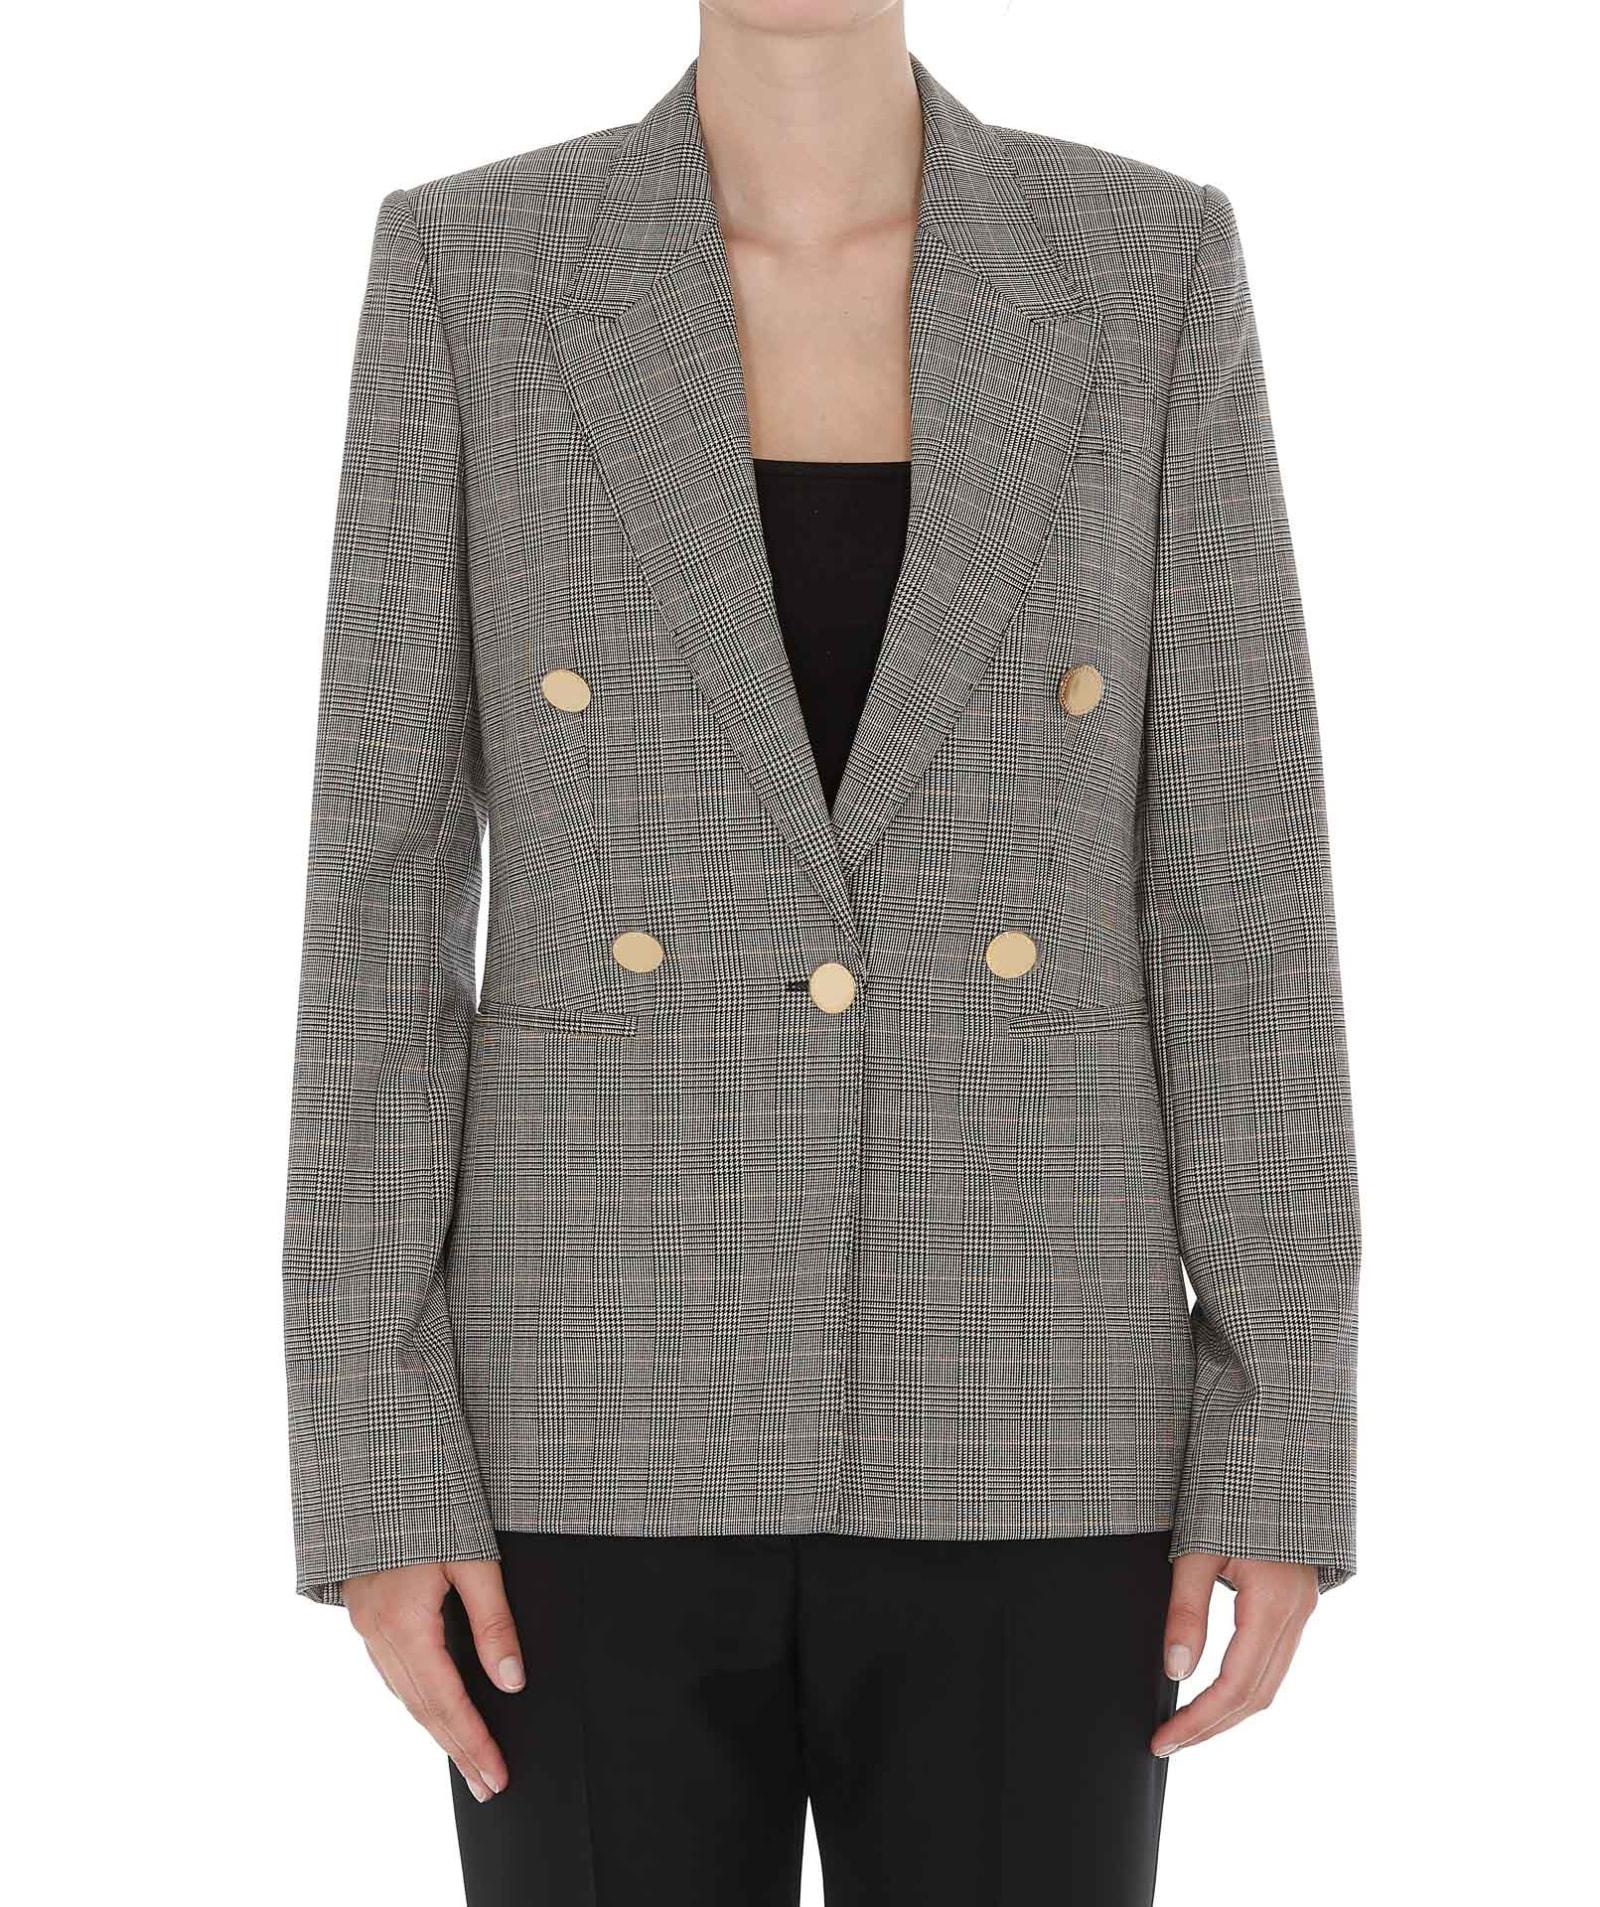 Stella Mccartney Checked Blazer